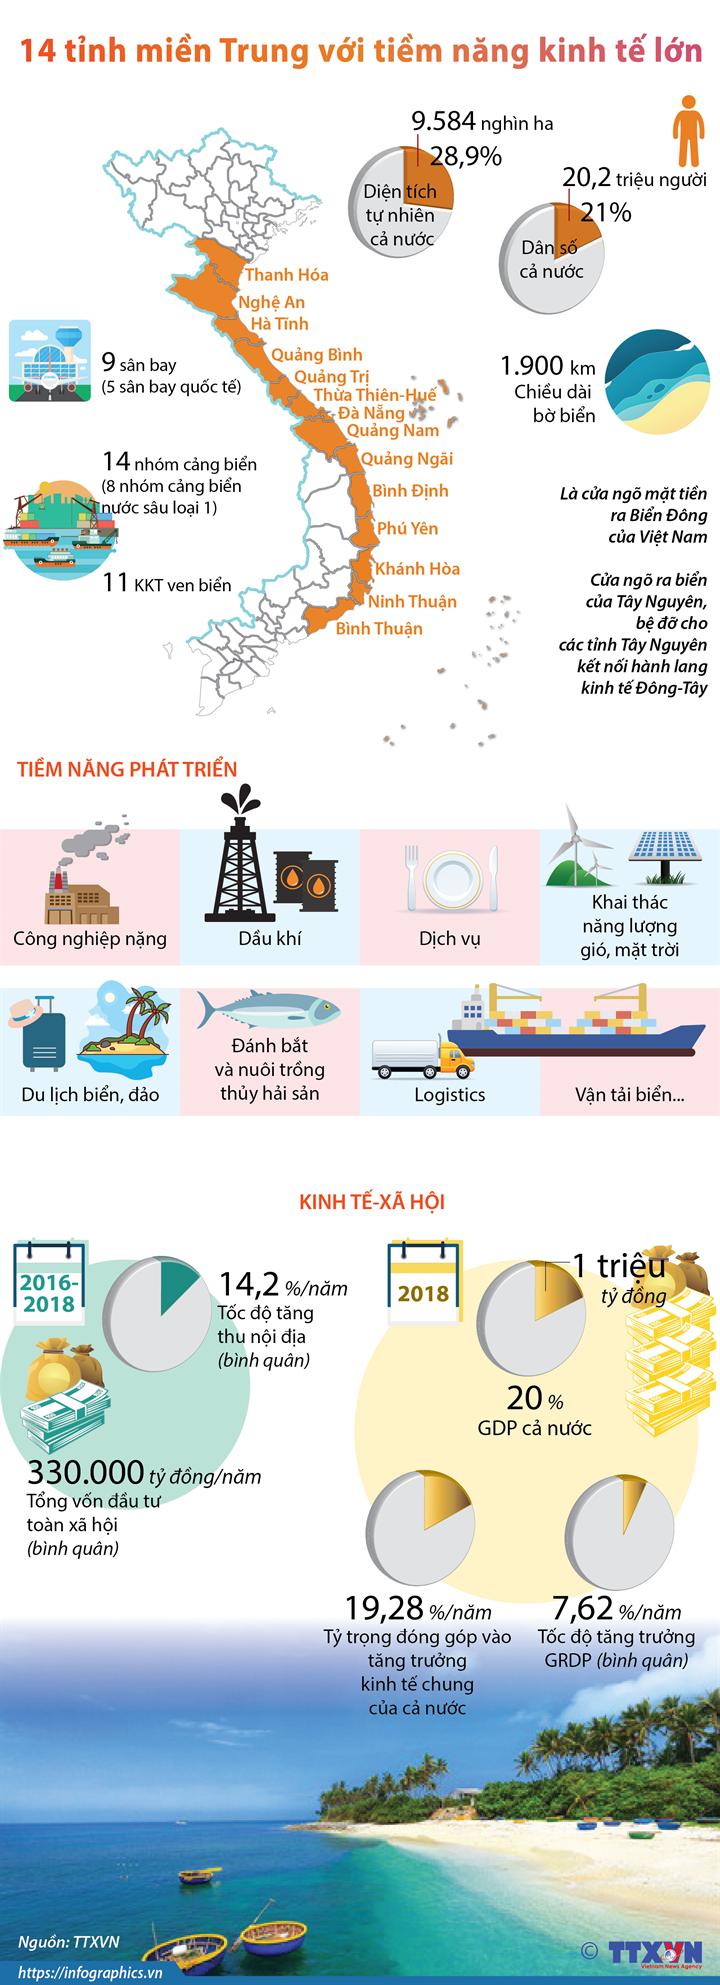 14 tỉnh miền Trung với tiềm năng kinh tế lớn